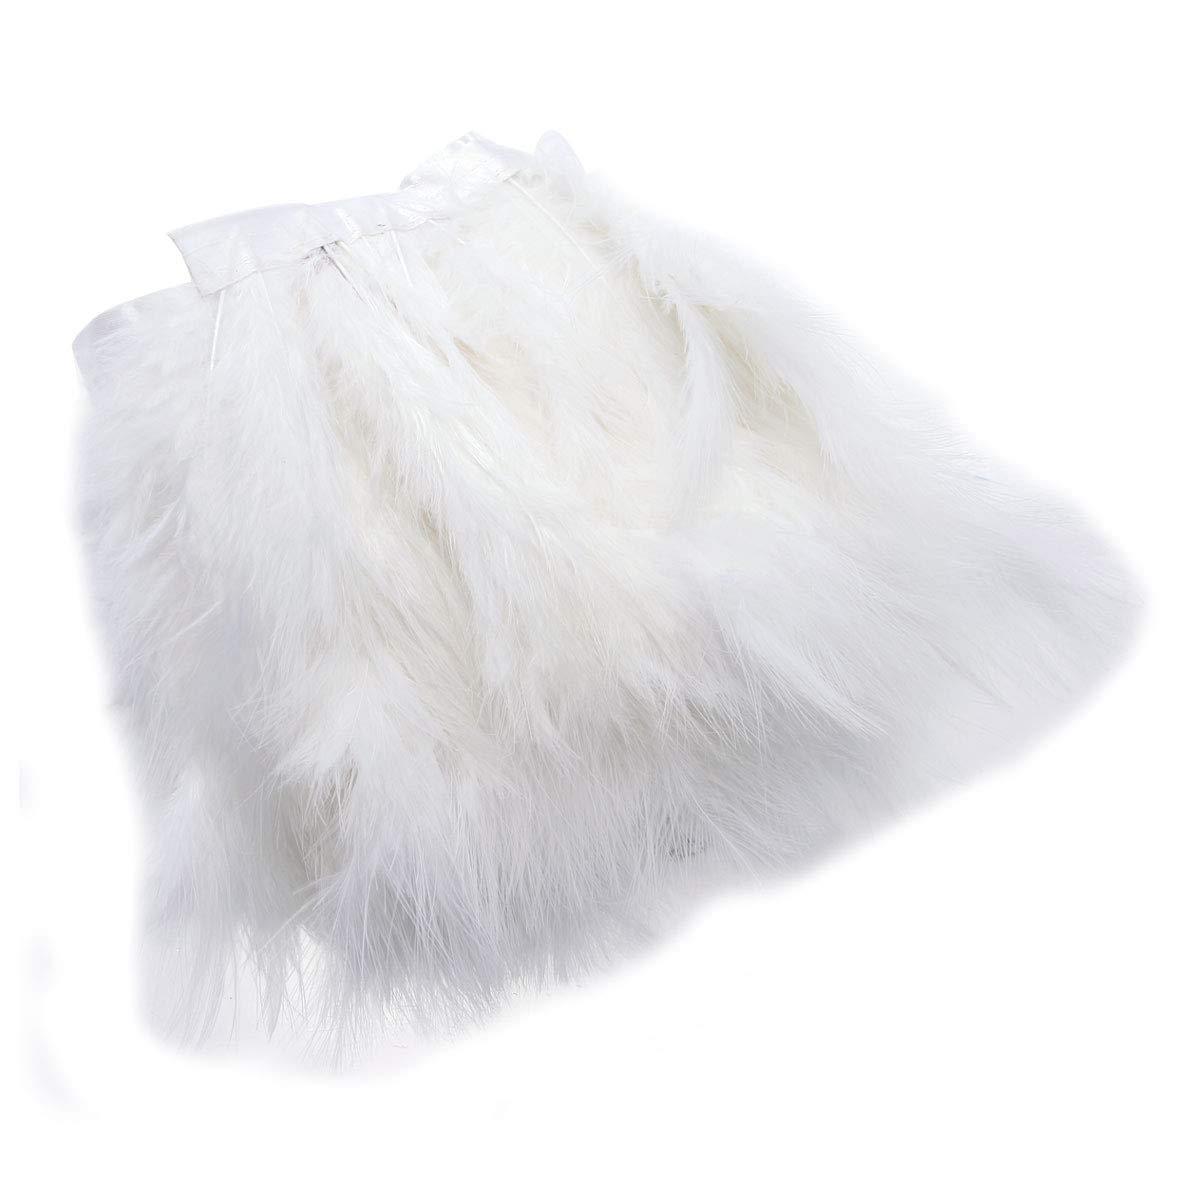 dise/ño de plumas de pavo azul 2 m Adornos de costura para sombrero SurePromise